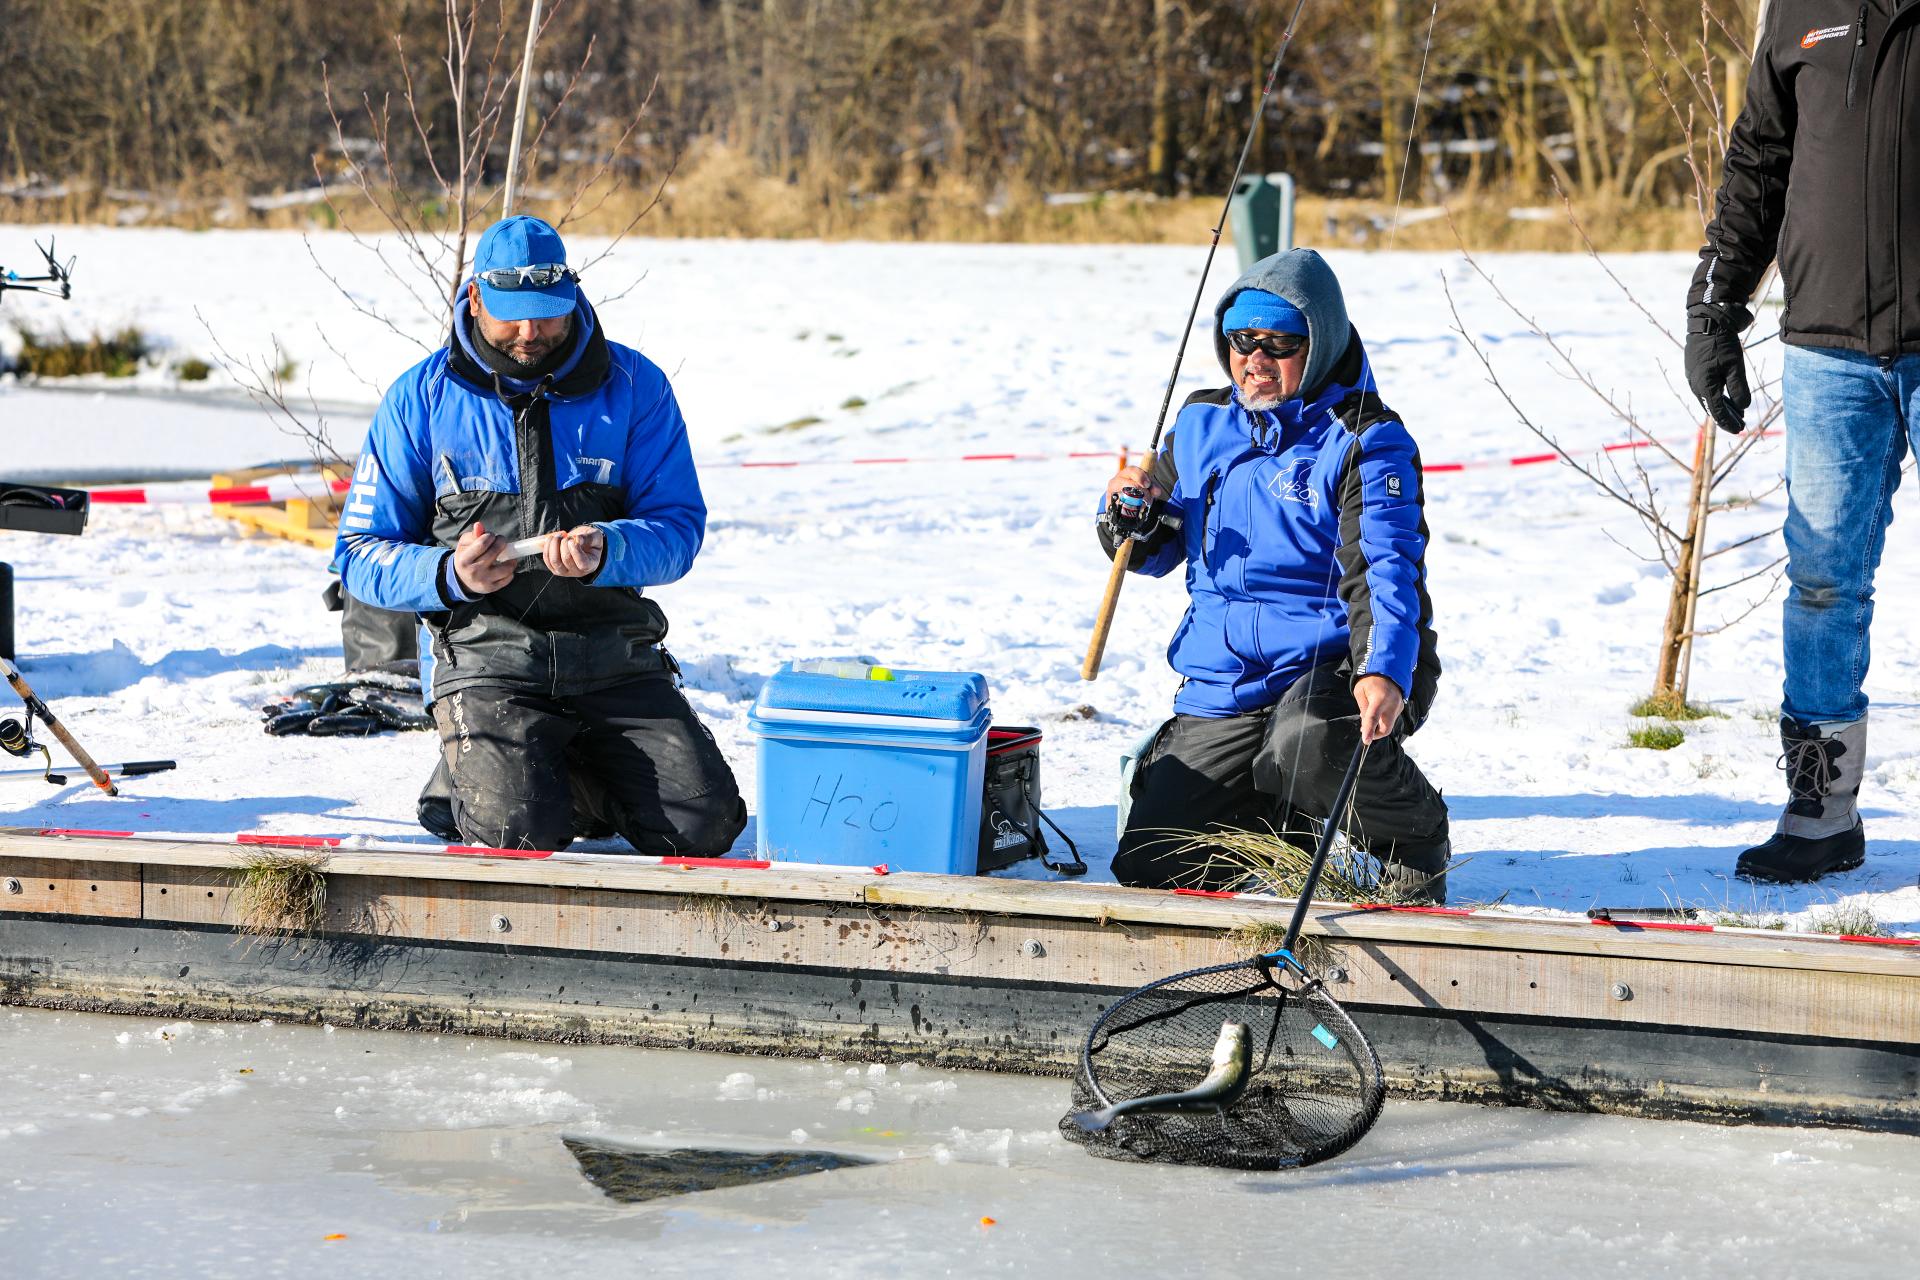 Wakvissen bij forelvijver H2O in Hattemerbroek in plaats van schaatsen